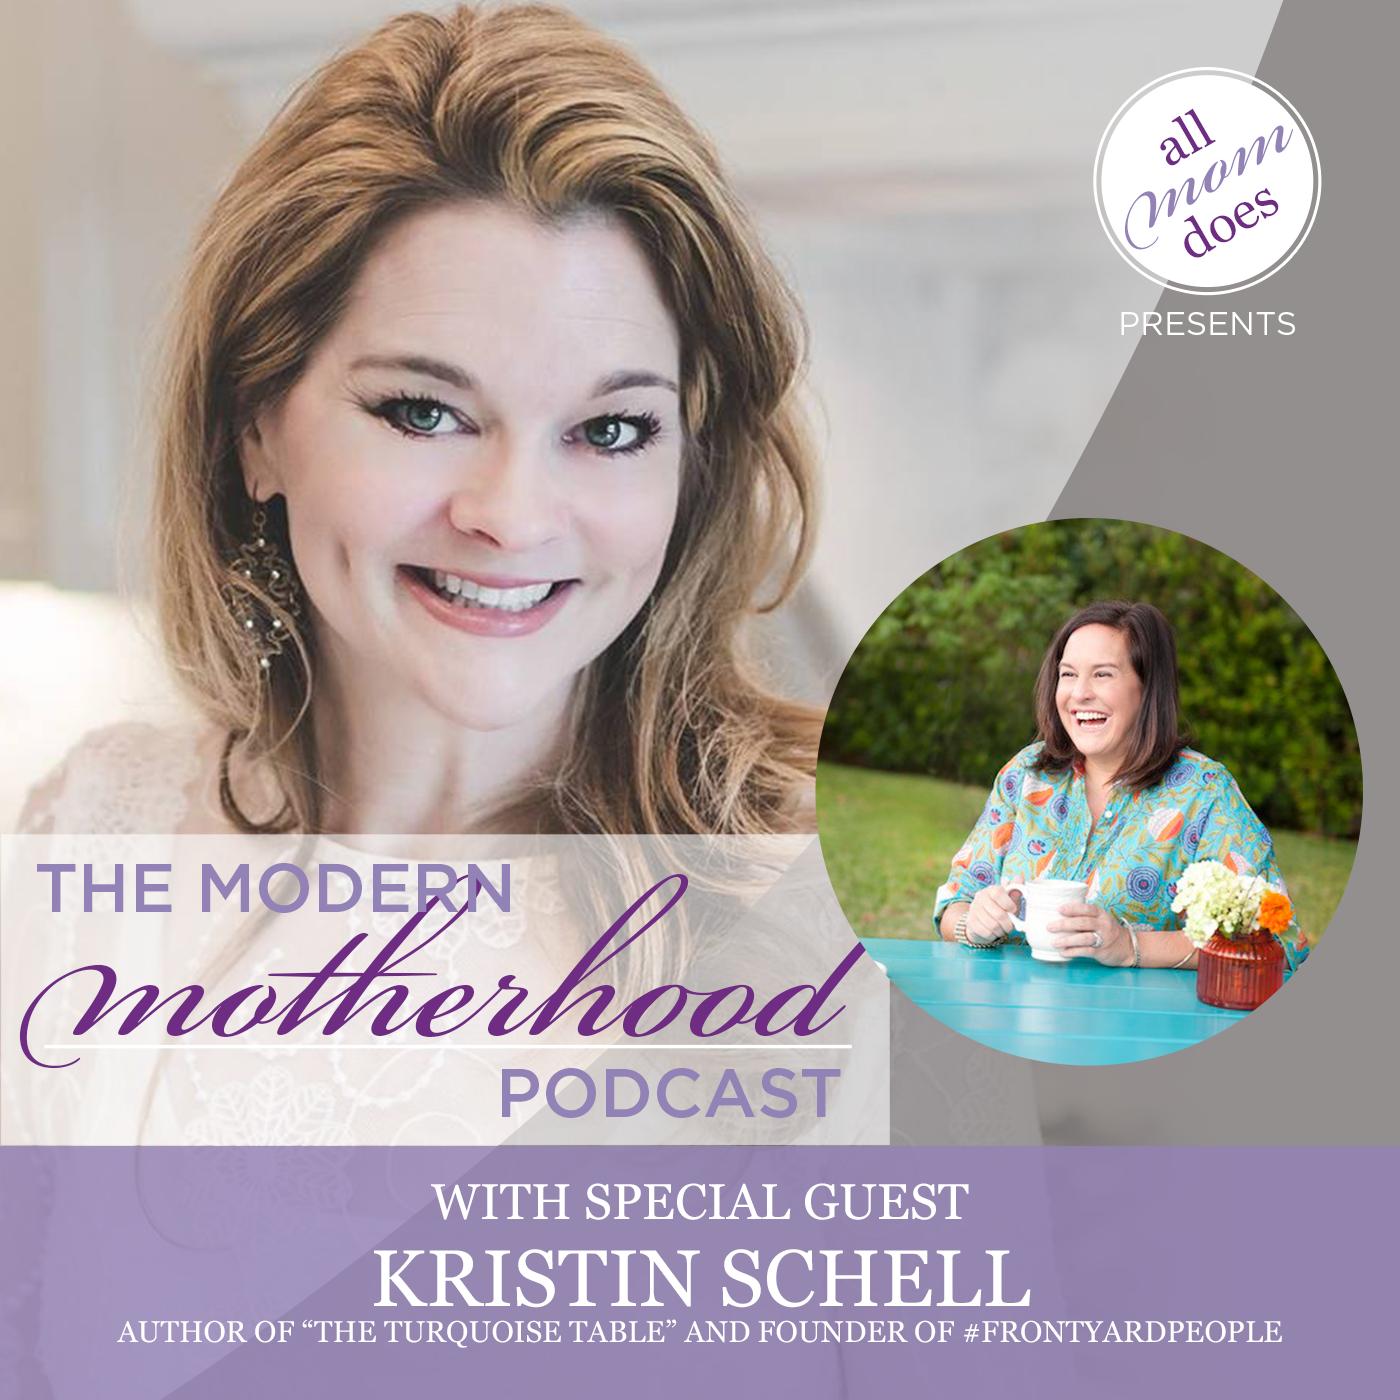 The Modern Motherhood Podcast #24: Kristin Schell